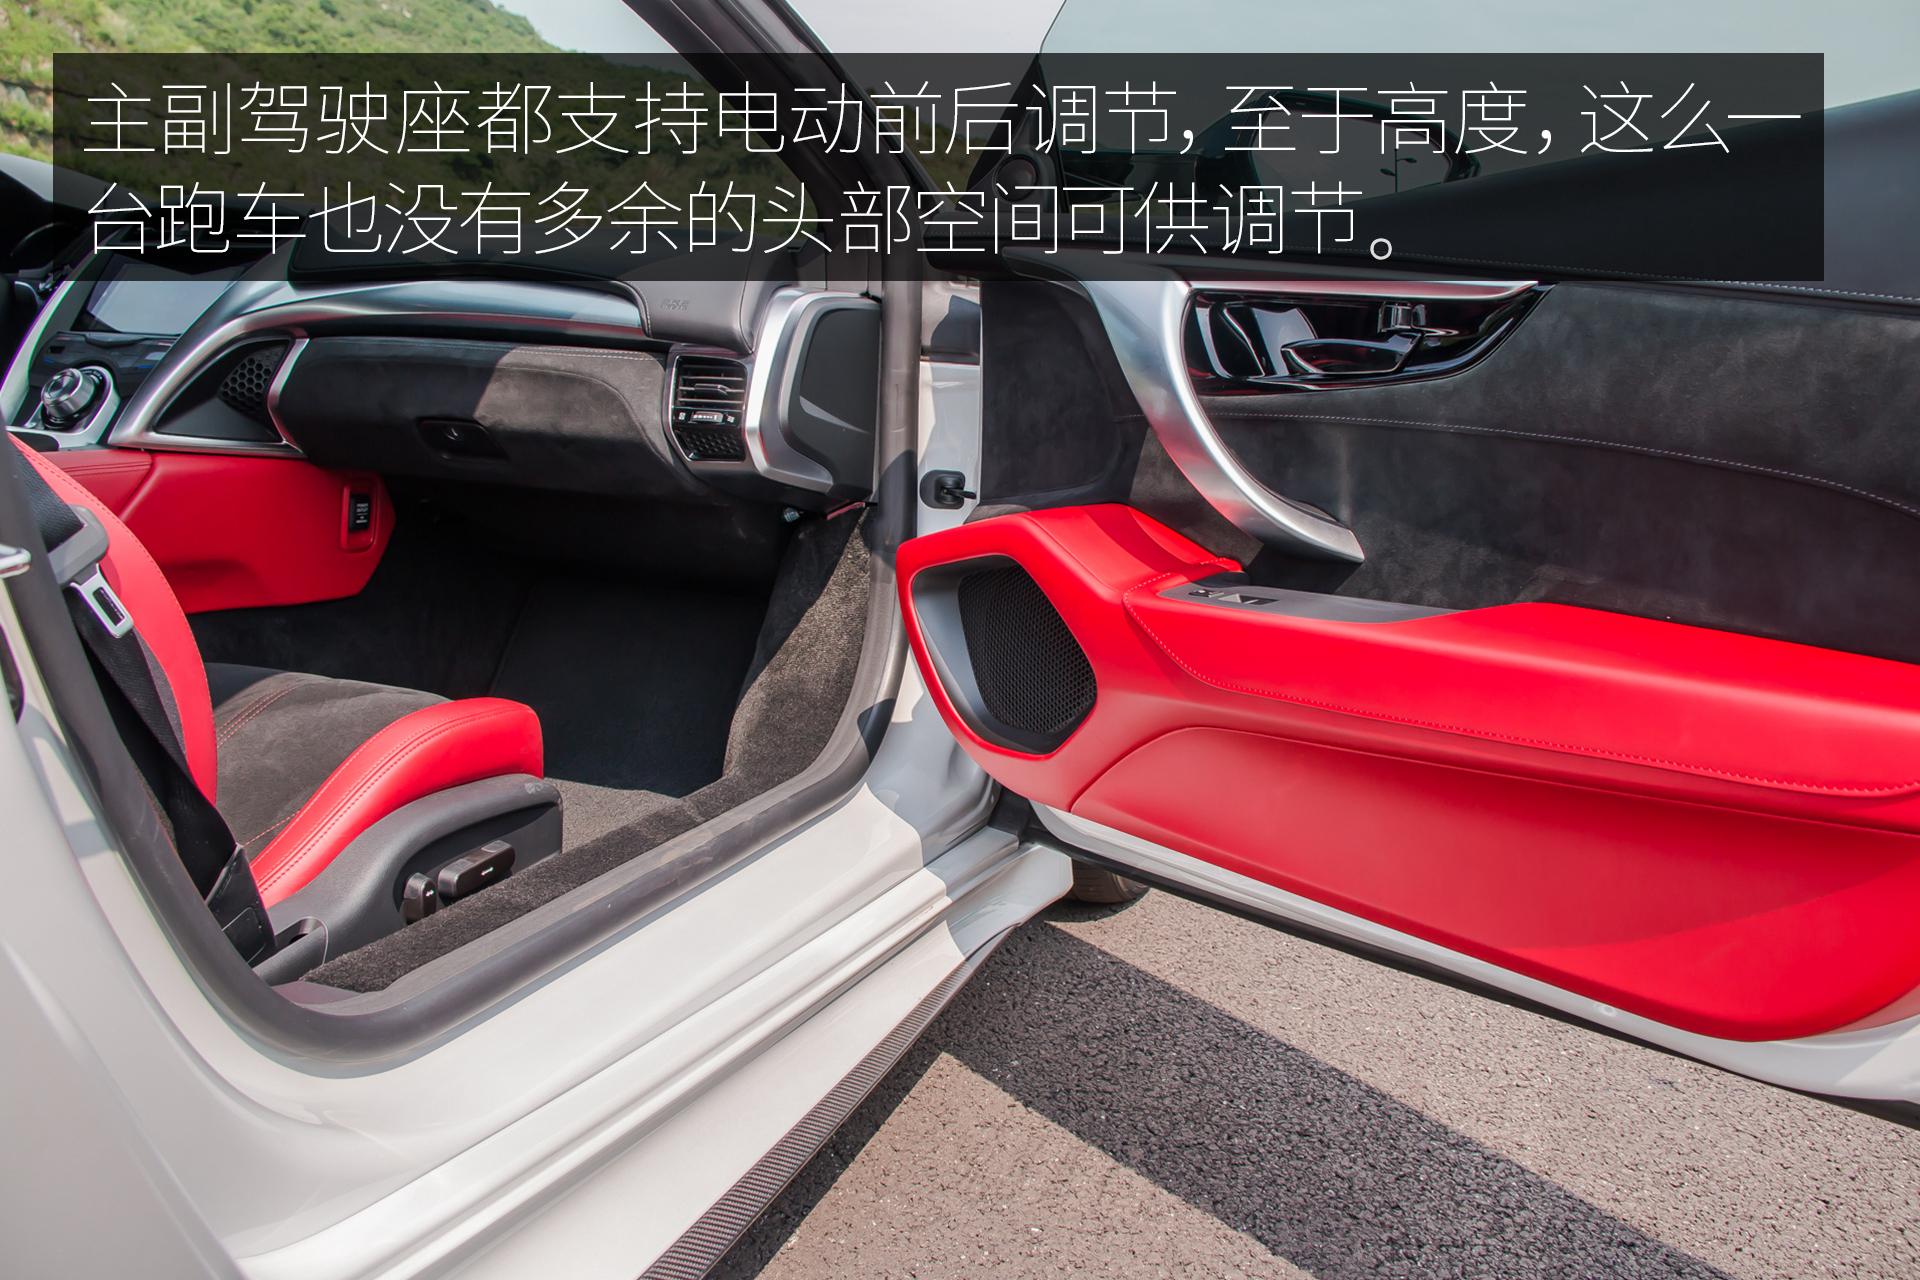 NSX驾驶座.jpg